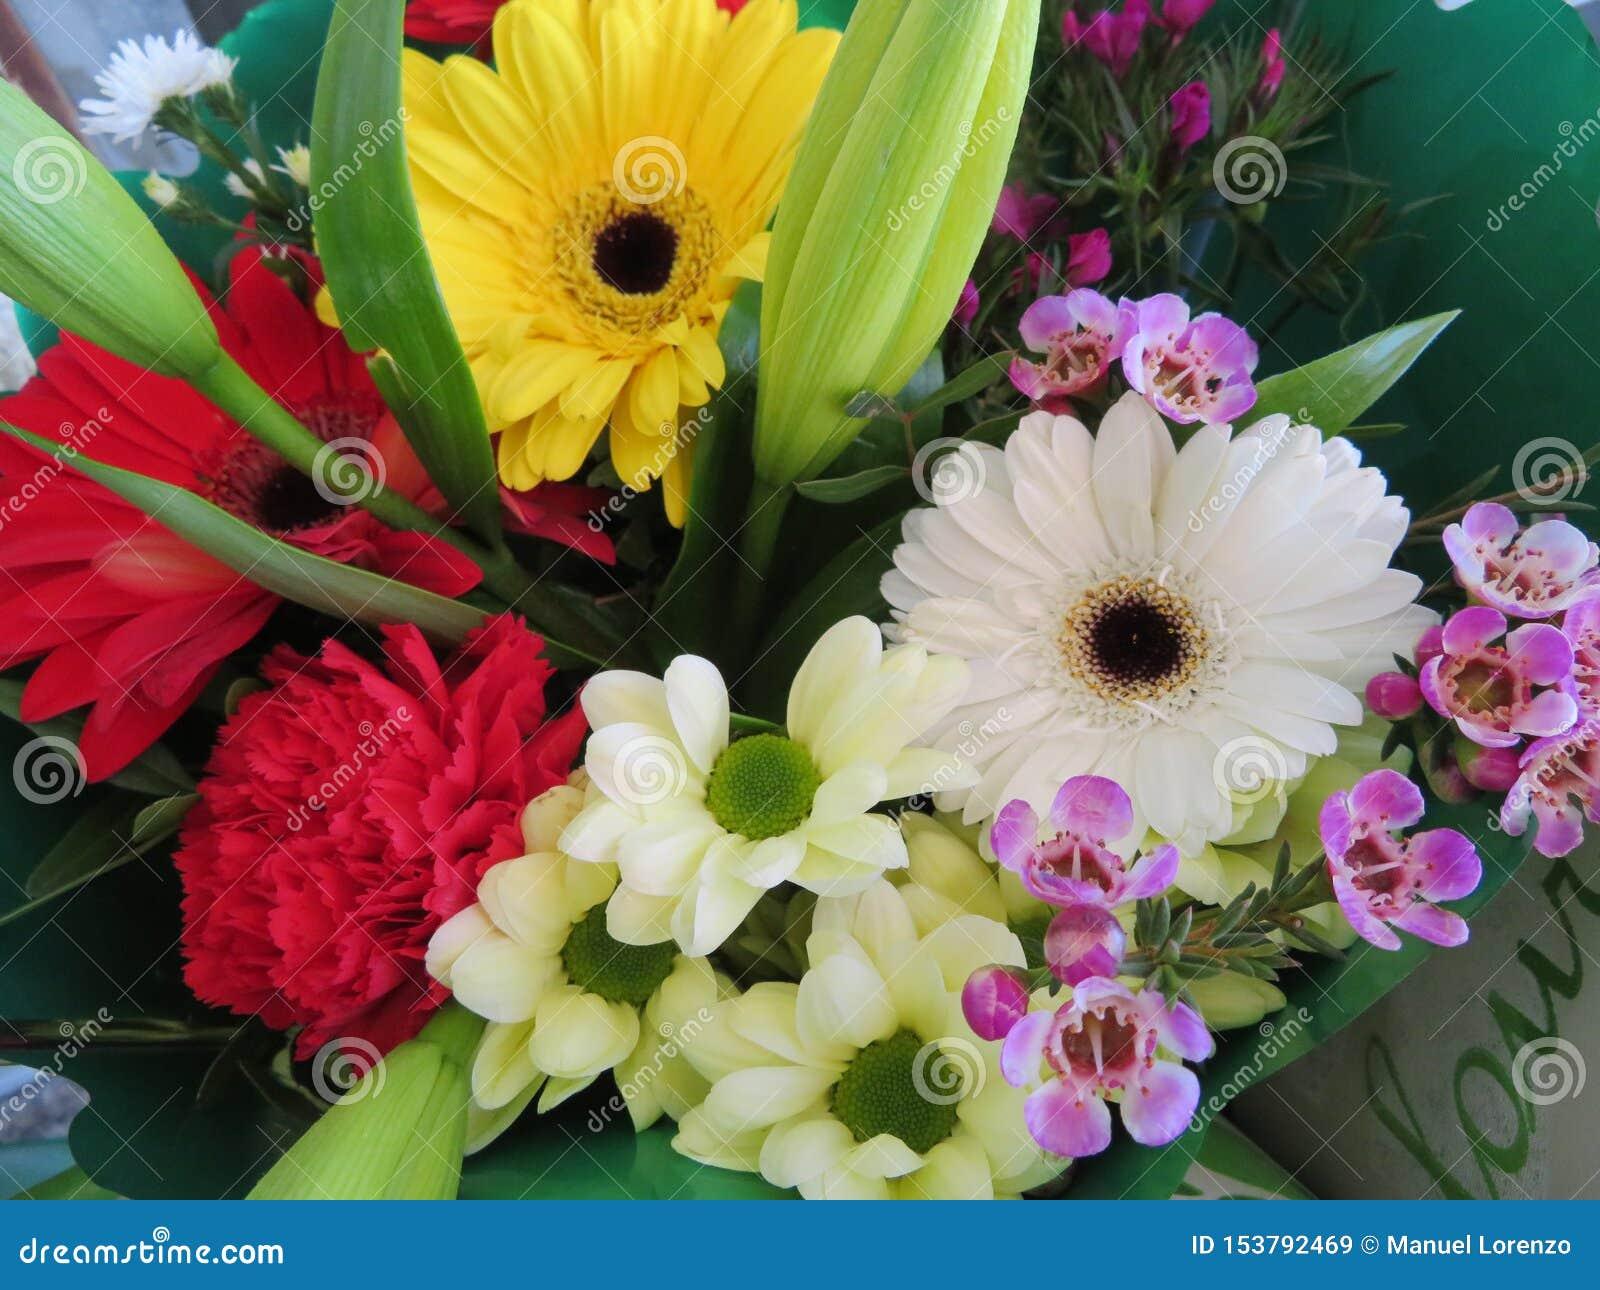 Prachtige bloemen met een zo goede kleur en een geur